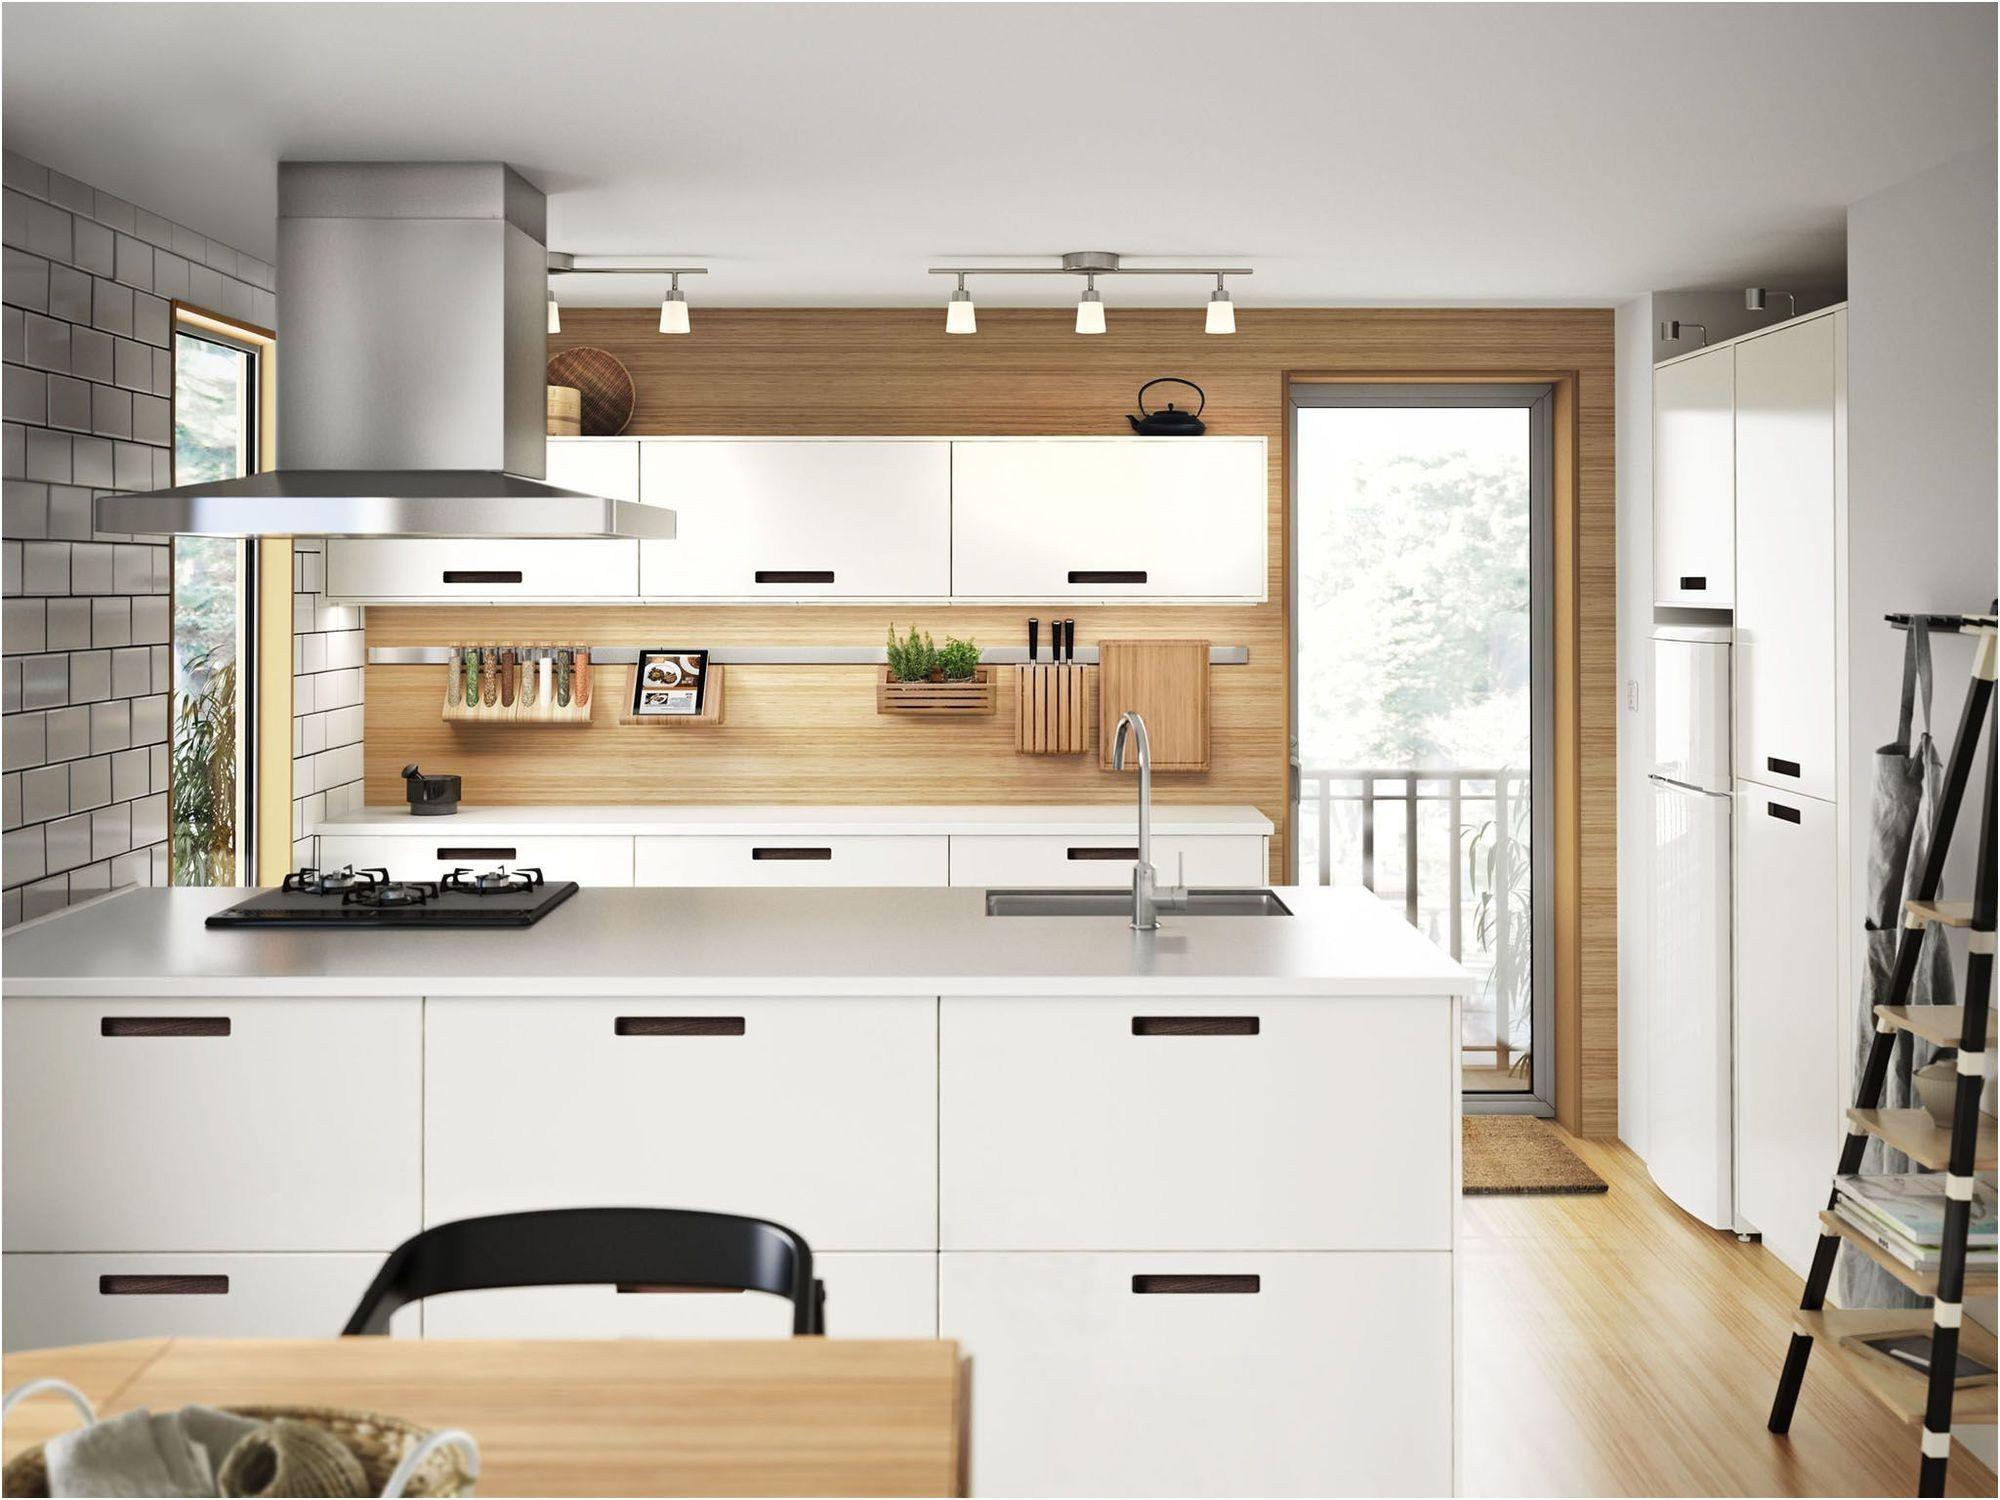 Fantastisch Benutzerdefinierte Küchenschranktüren Mit Glas Galerie ...